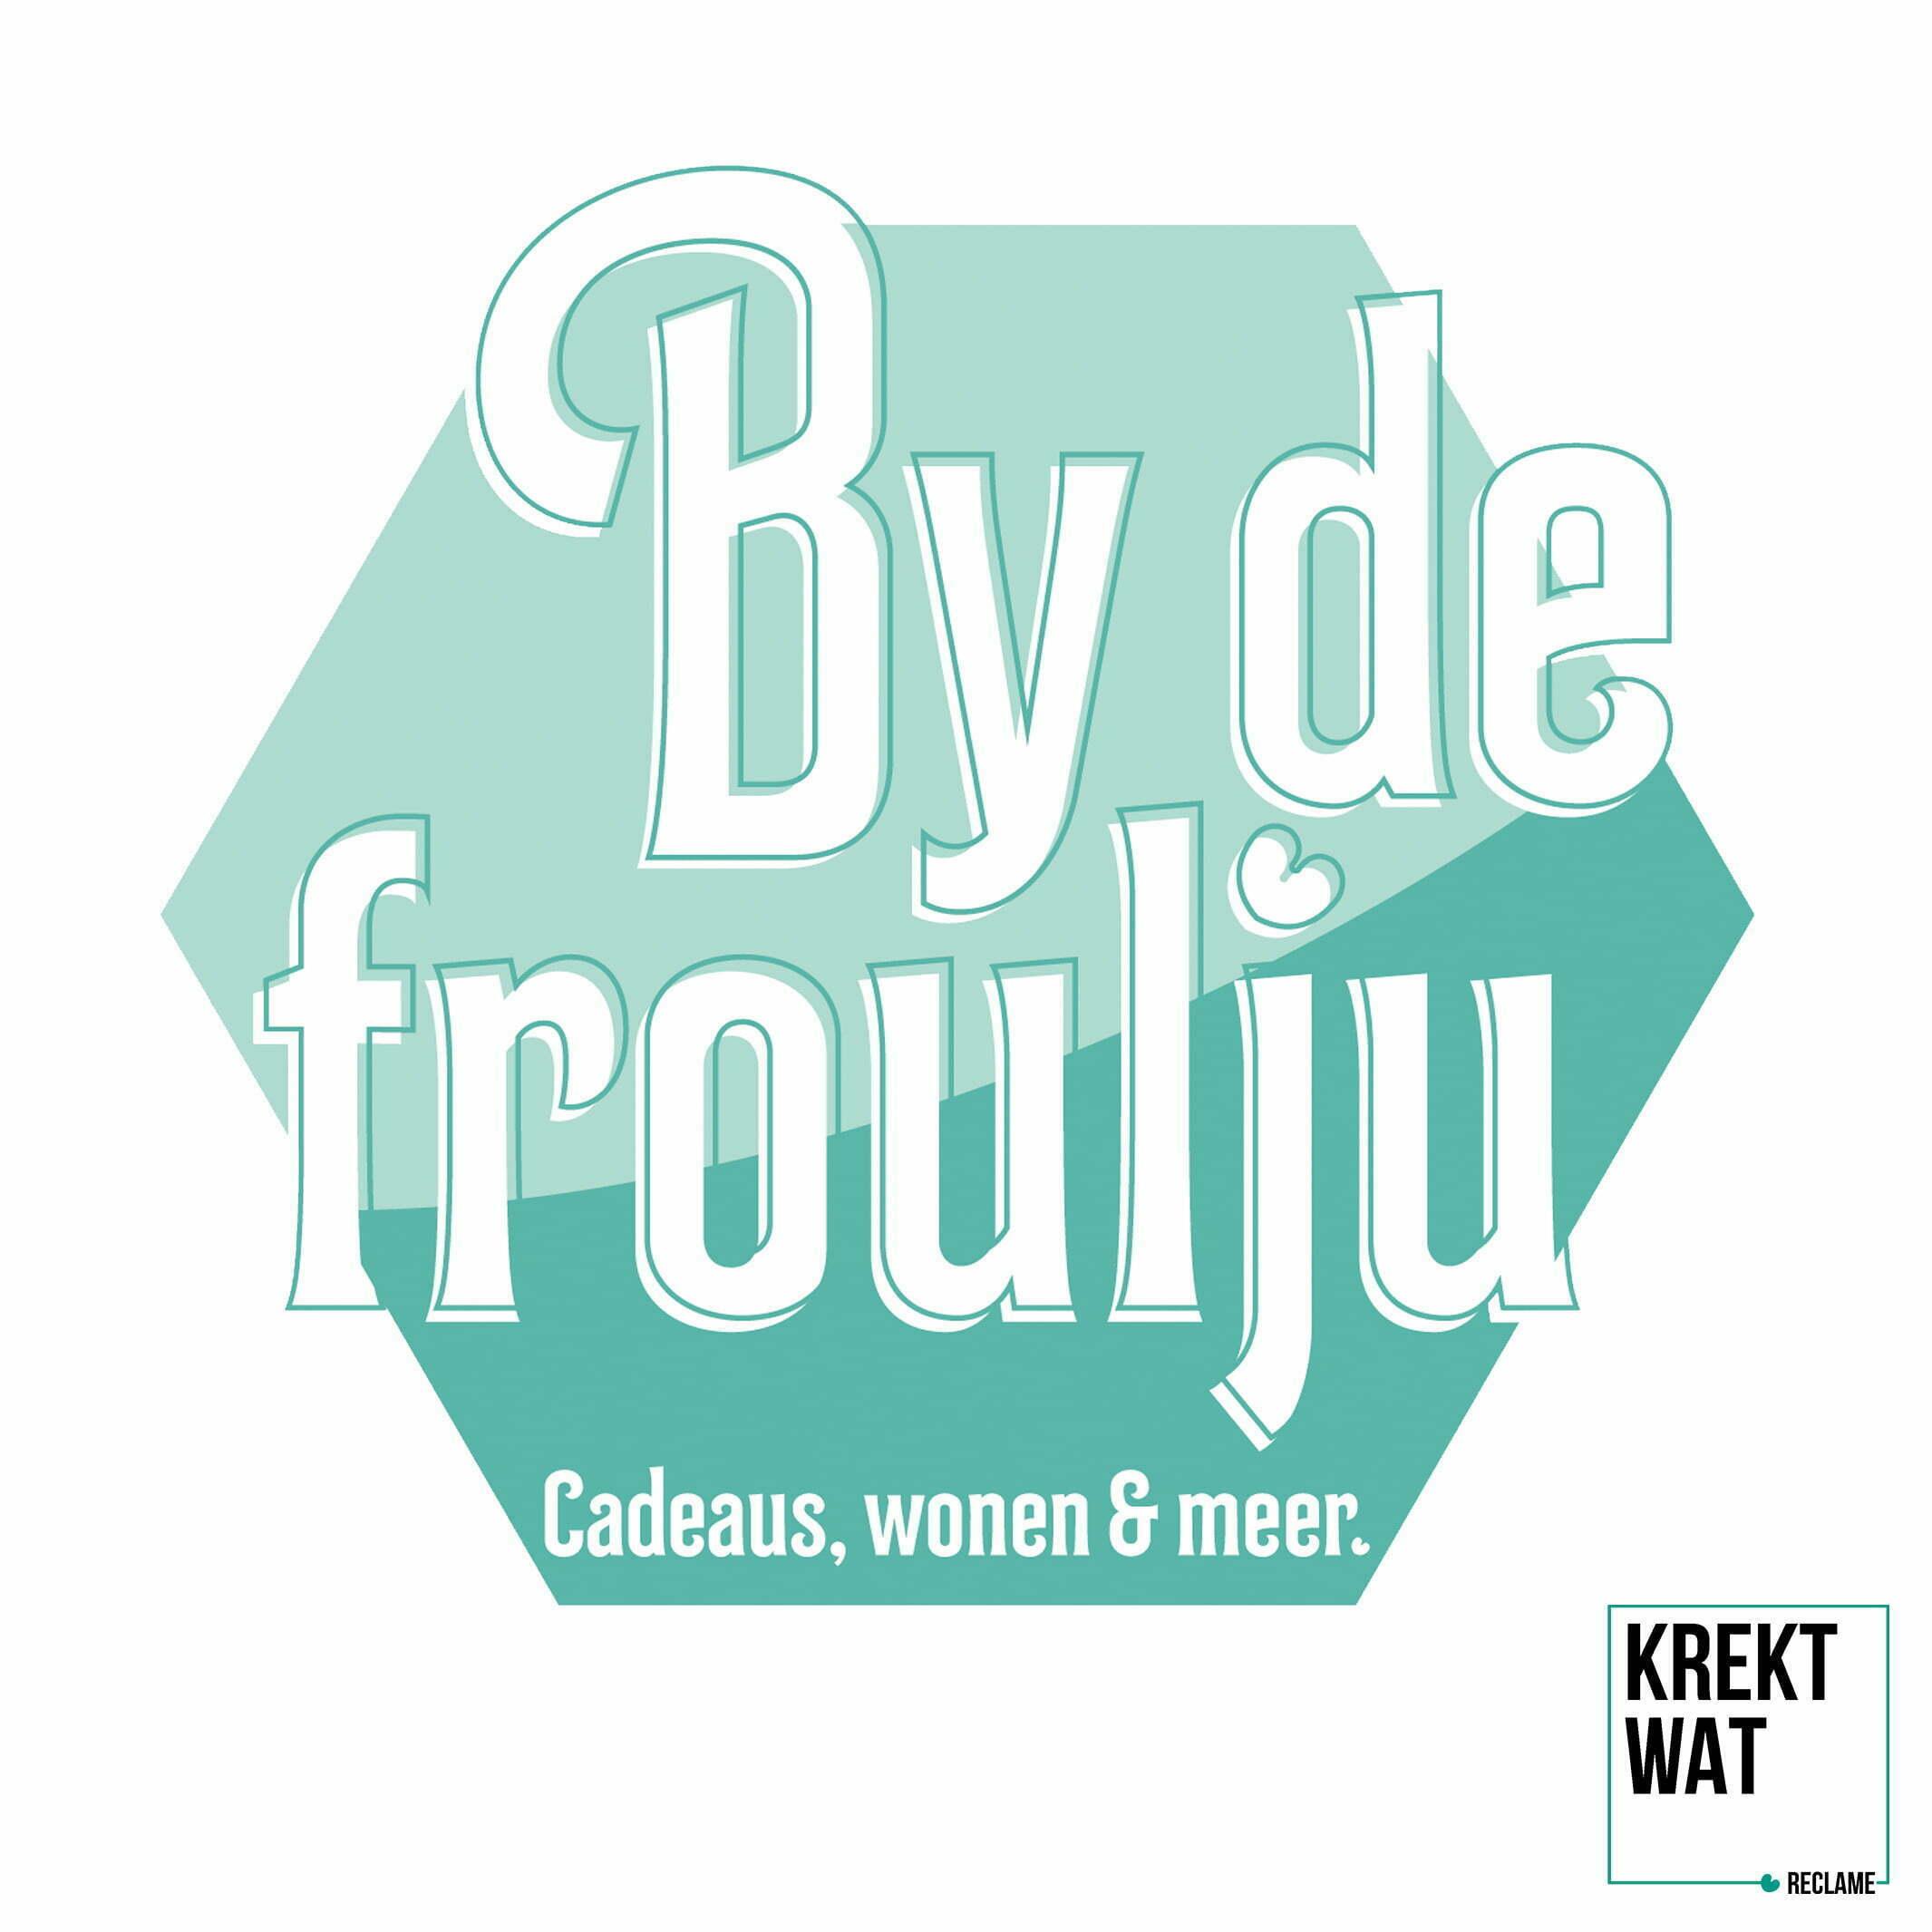 Logo - By de froulju